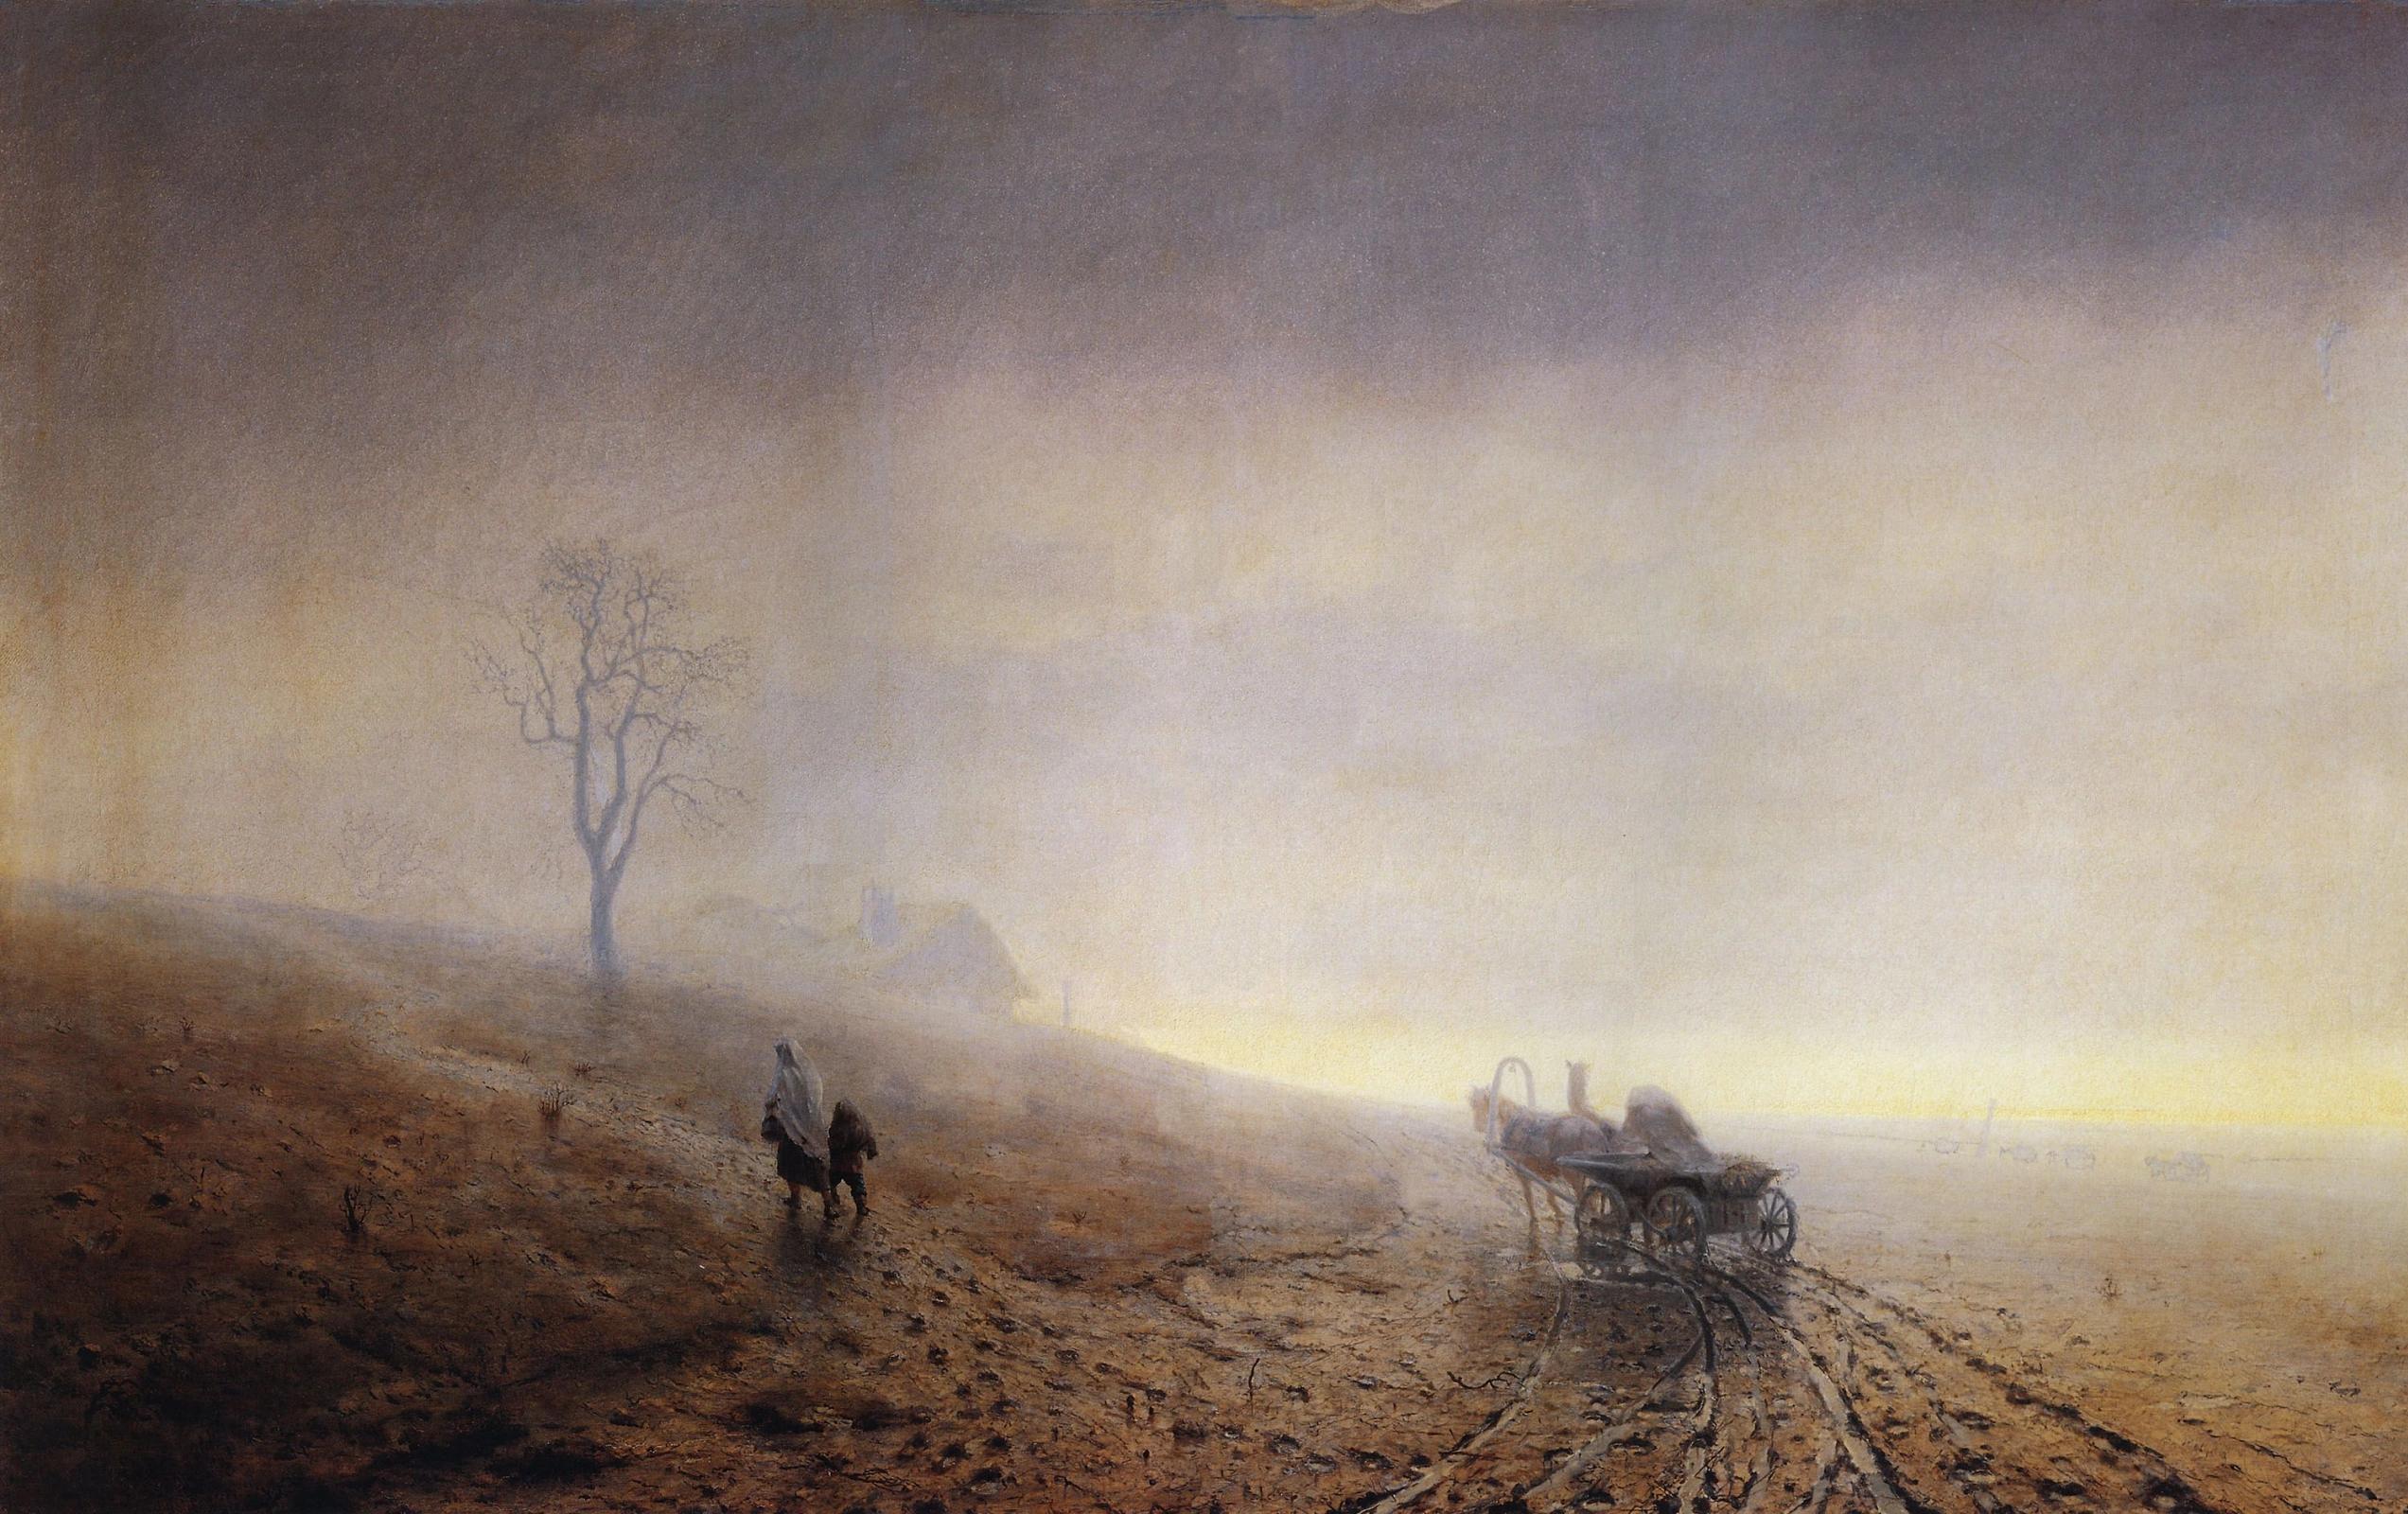 Архип Куинджи «Осенняя распутица» (1872)